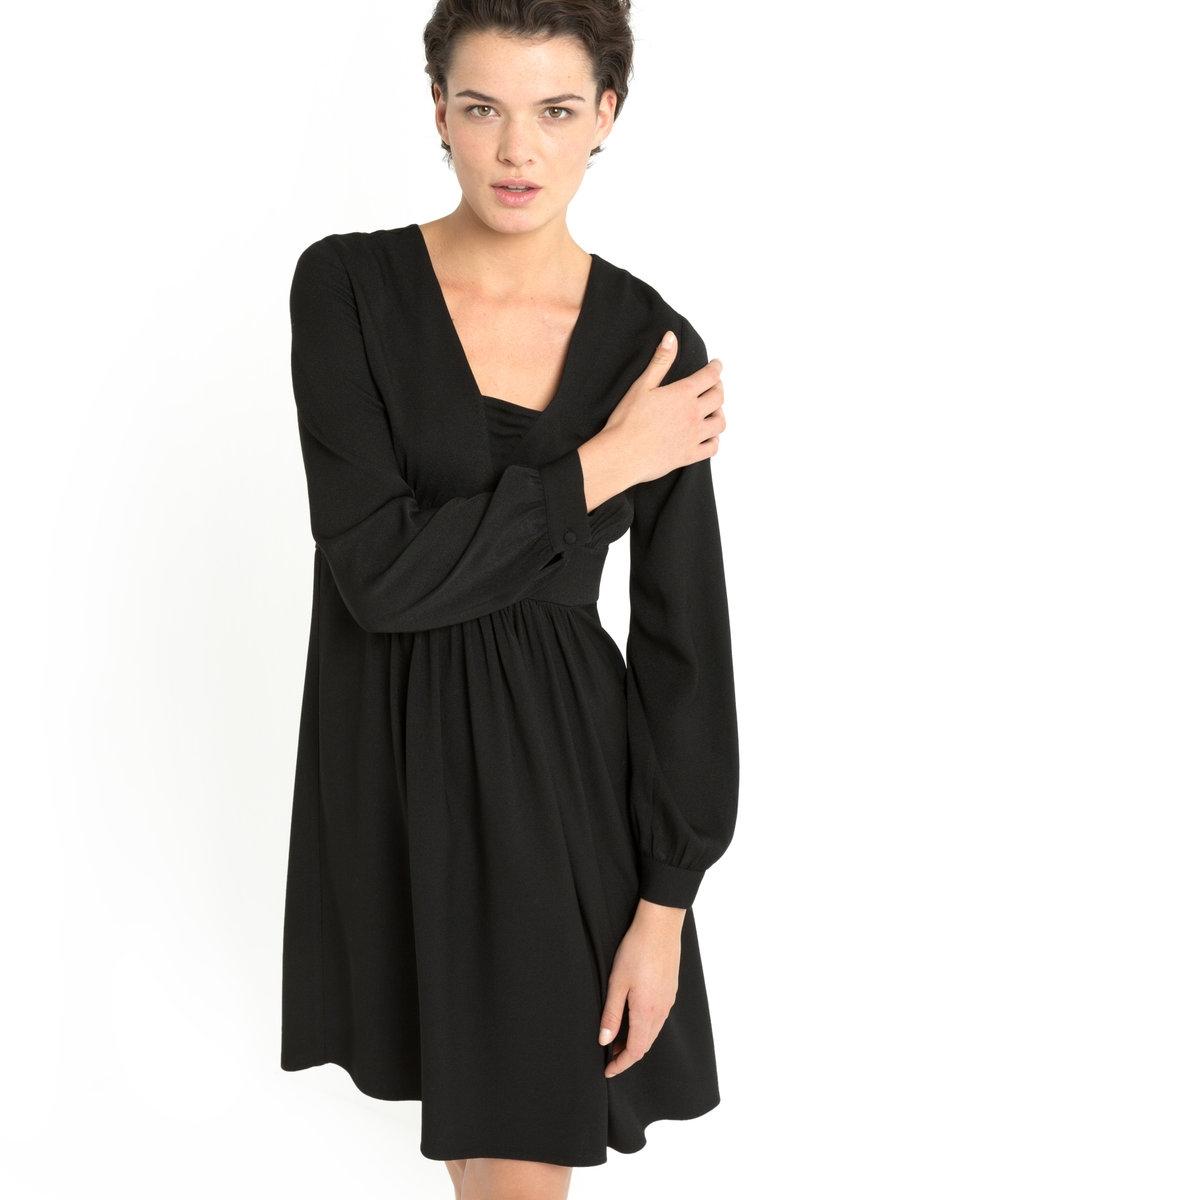 Платье красноеСтруящееся платье для ещё более женственного образаПлатье из 100% вискозы. Сборка внизу рукава. Пояс на талии, сборки под грудью и на груди. V-образный вырез. Длина. 98 см.<br><br>Цвет: черный<br>Размер: 40 (FR) - 46 (RUS)